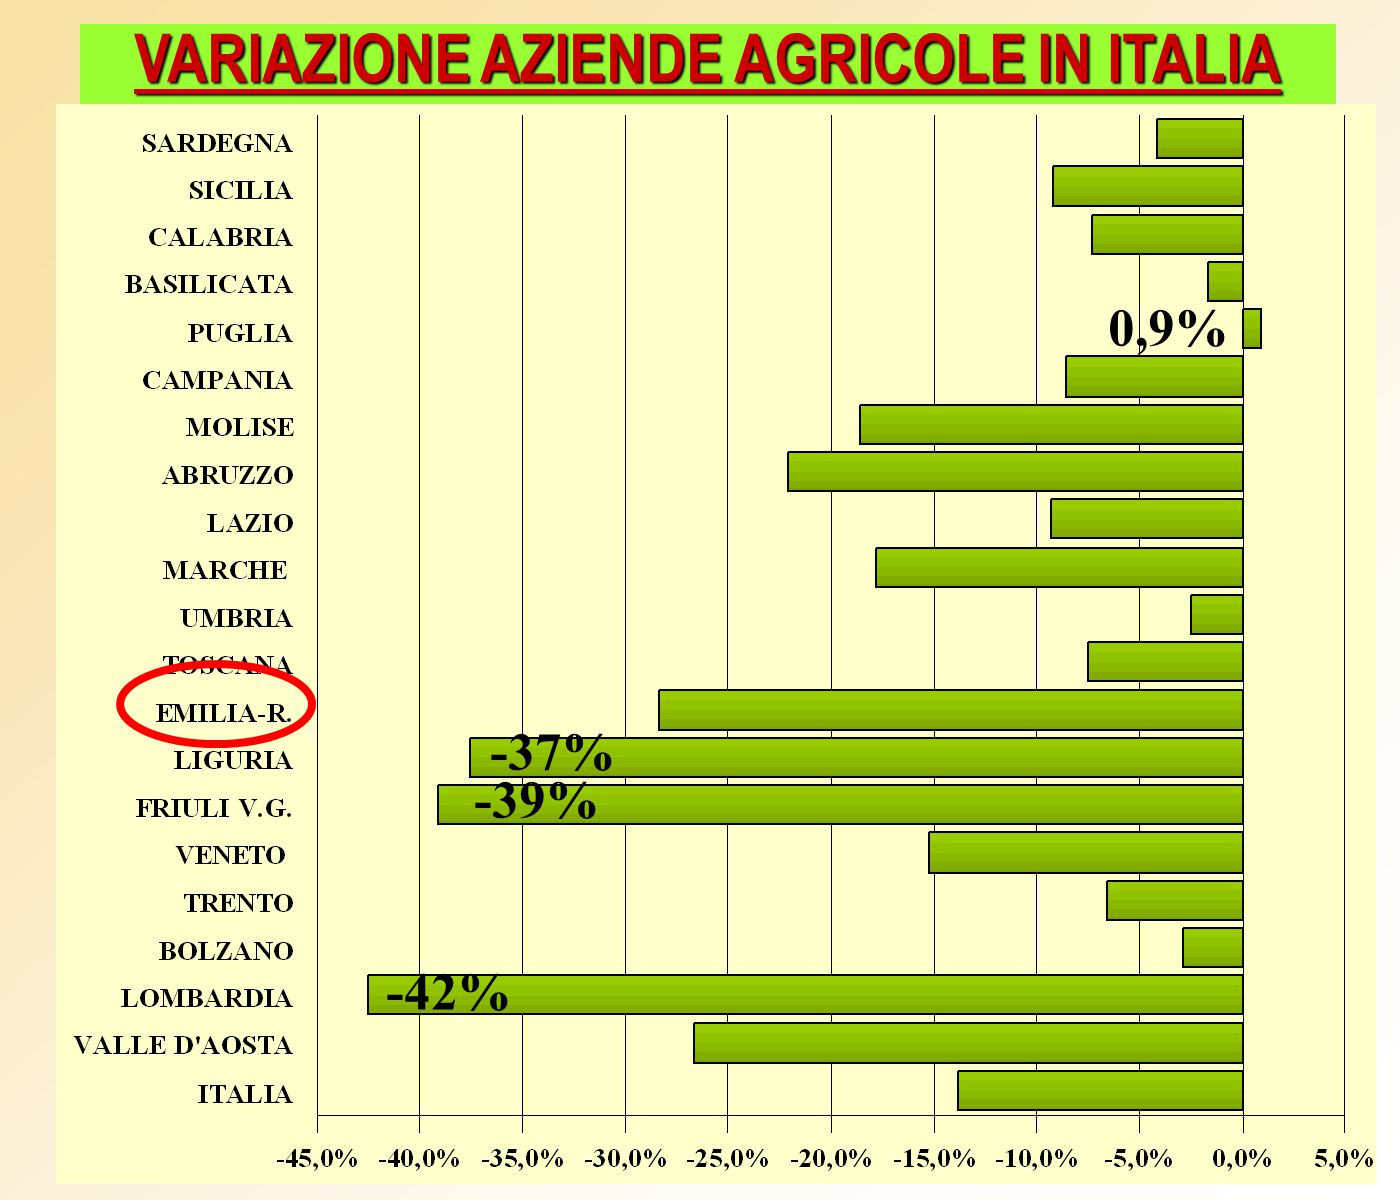 VARIAZIONE AZIENDE AGRICOLE IN ITALIA -42% -39% -37% 0,9%